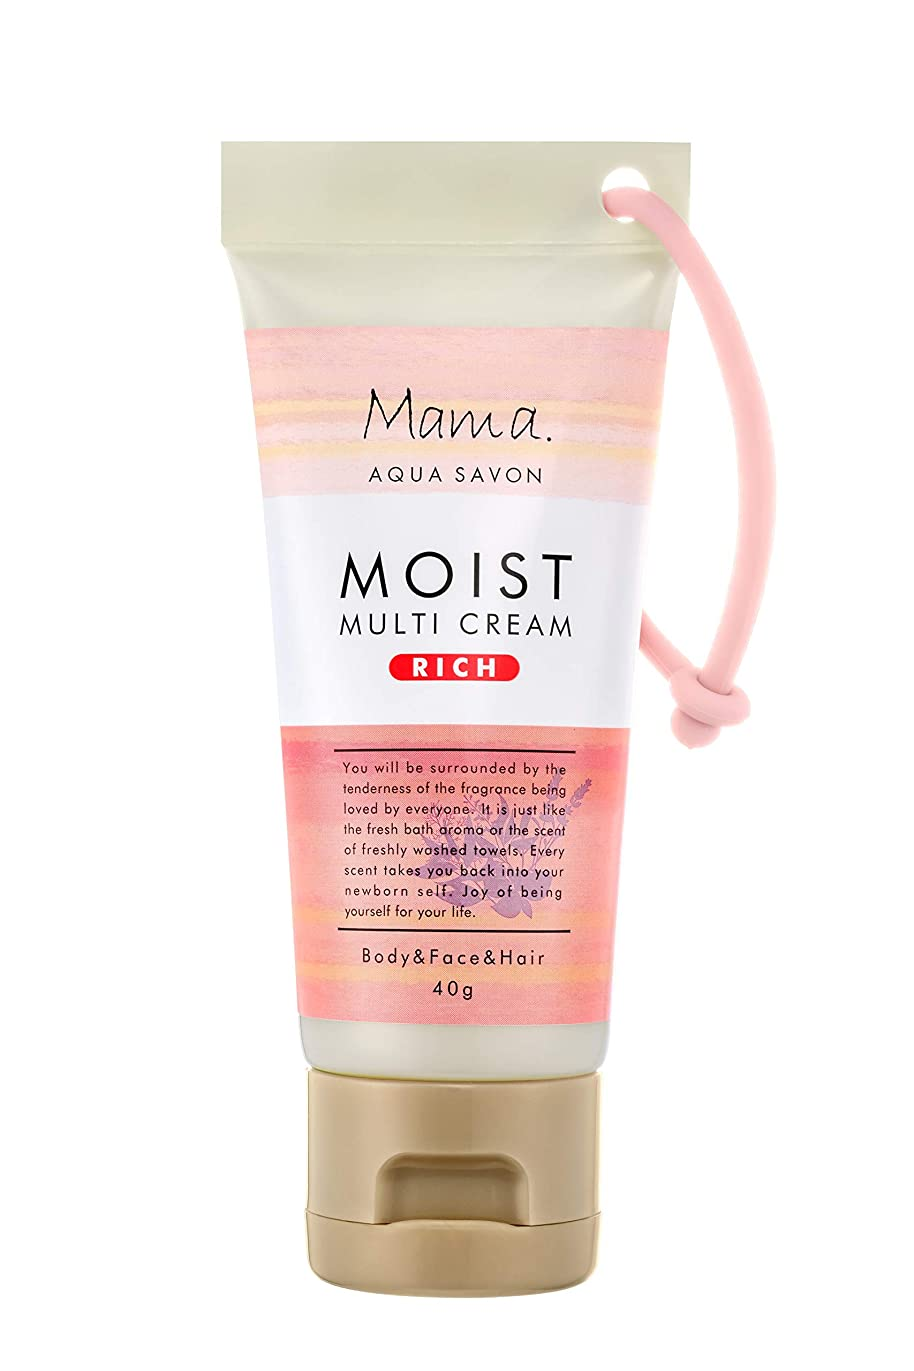 量で光電胃ママアクアシャボン モイストマルチクリーム リッチ フラワーアロマウォーターの香り 18A 40g